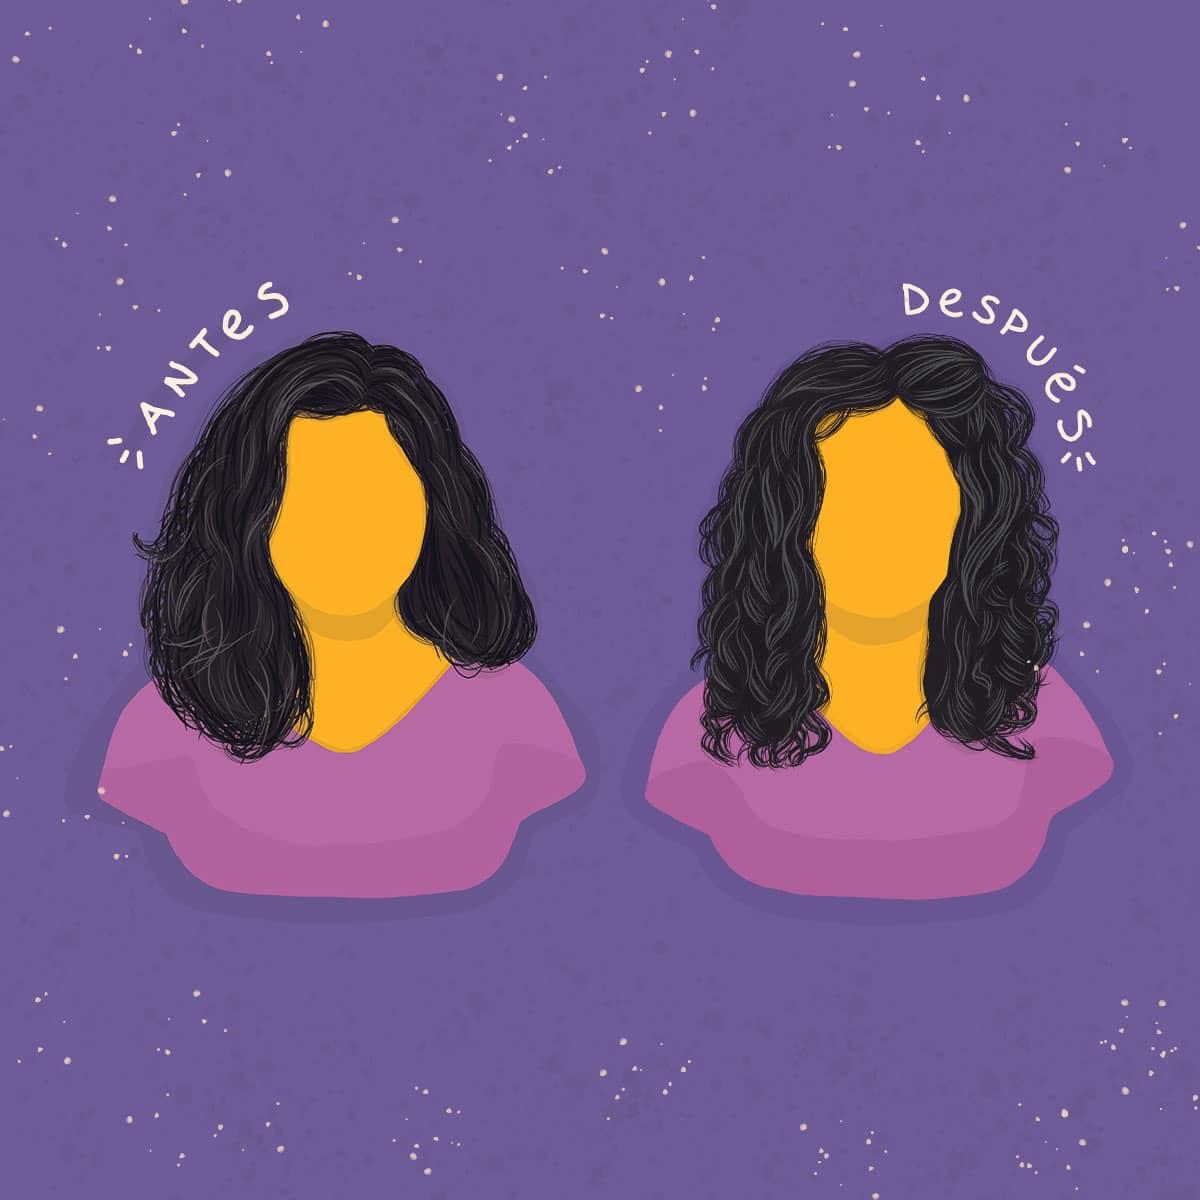 Dibujo de antes y después. Antes: pelo sin mucha forma, frizz. Después: ondas más formadas.